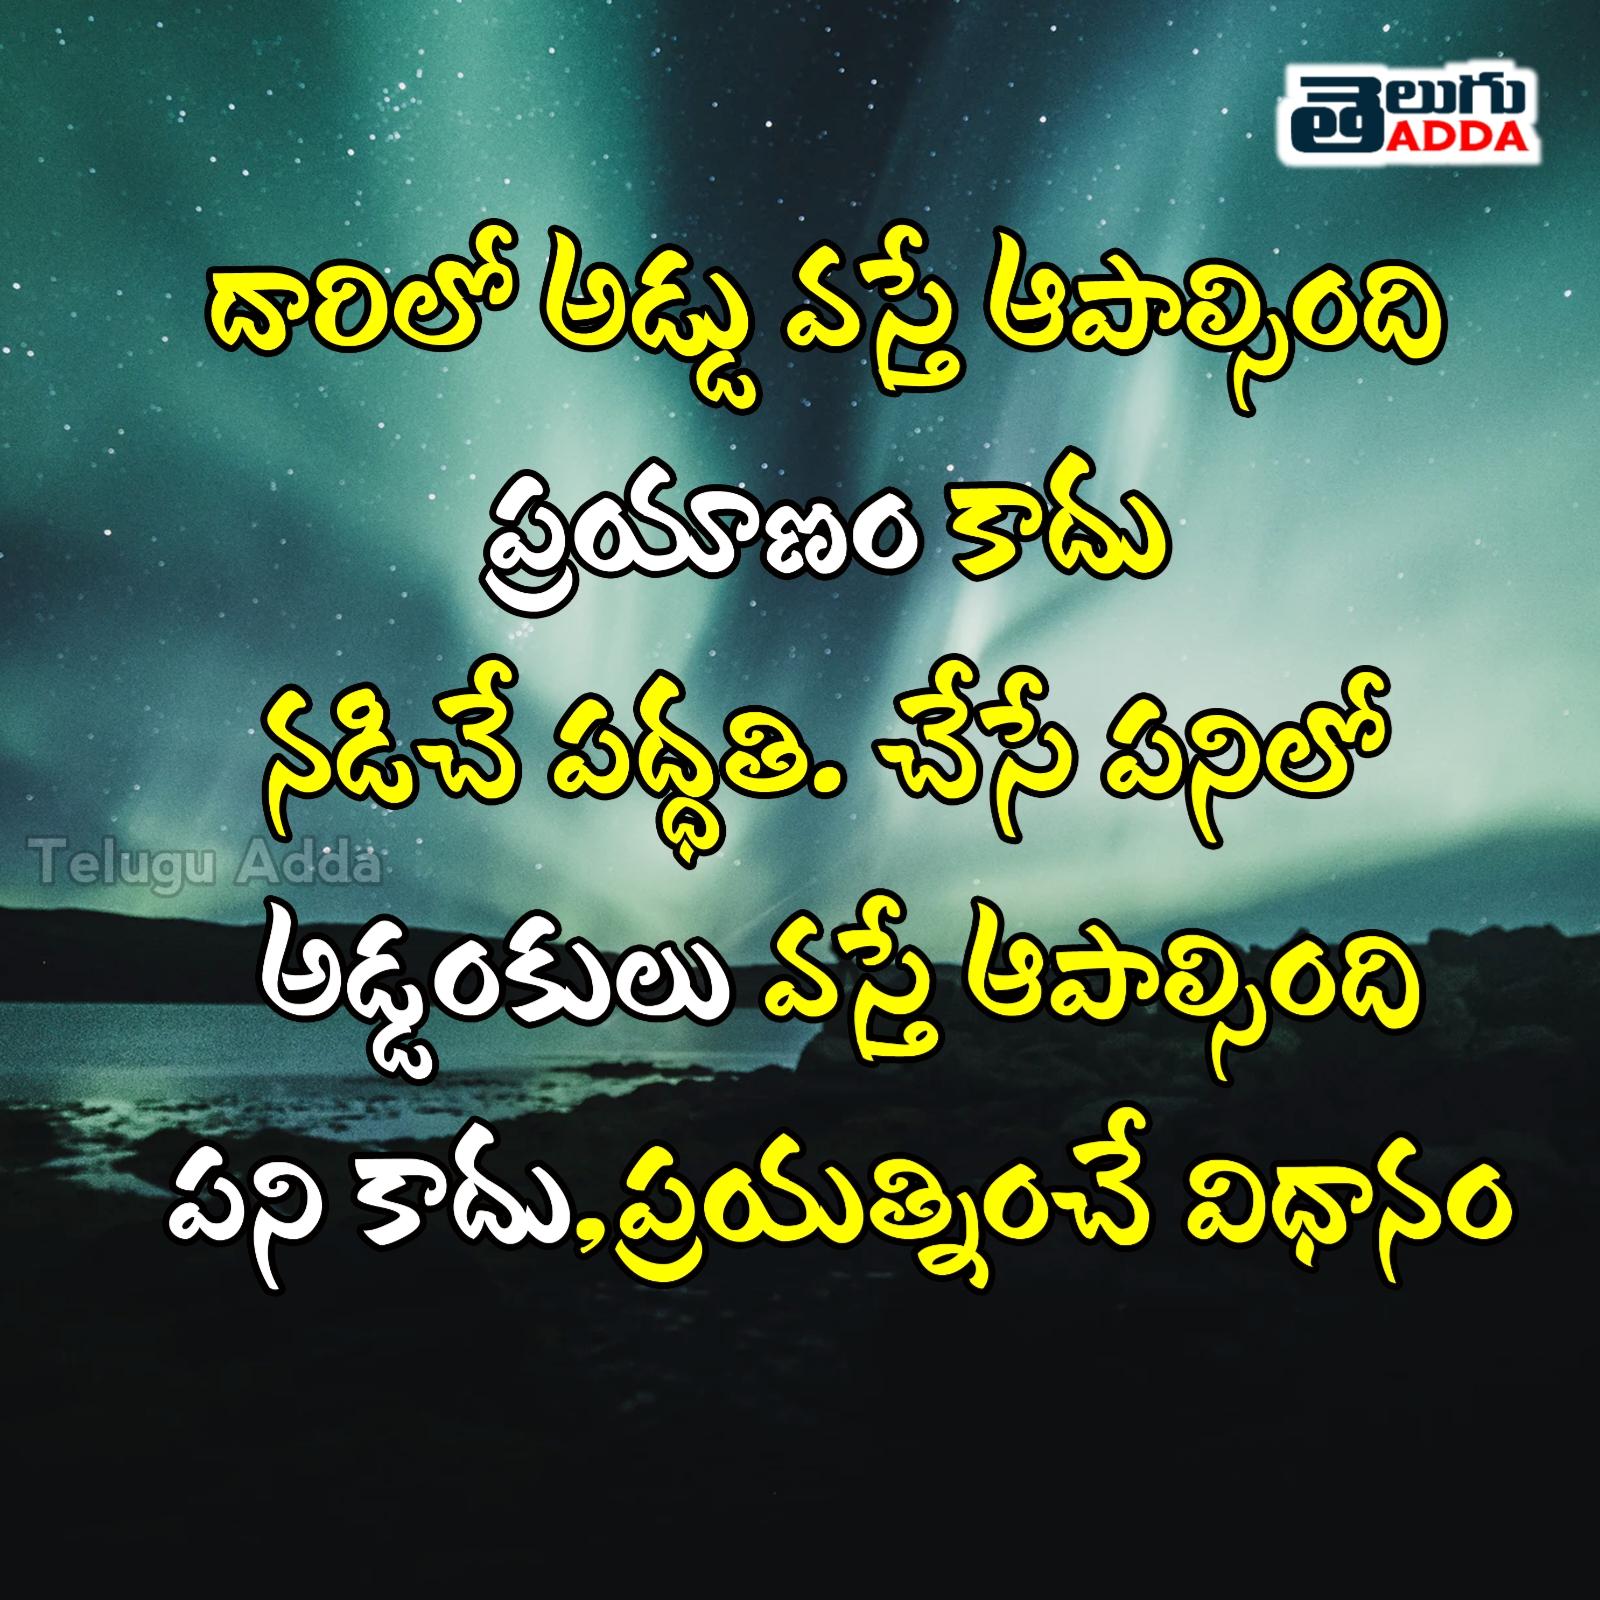 Telugu Inspirational Quotes 2020